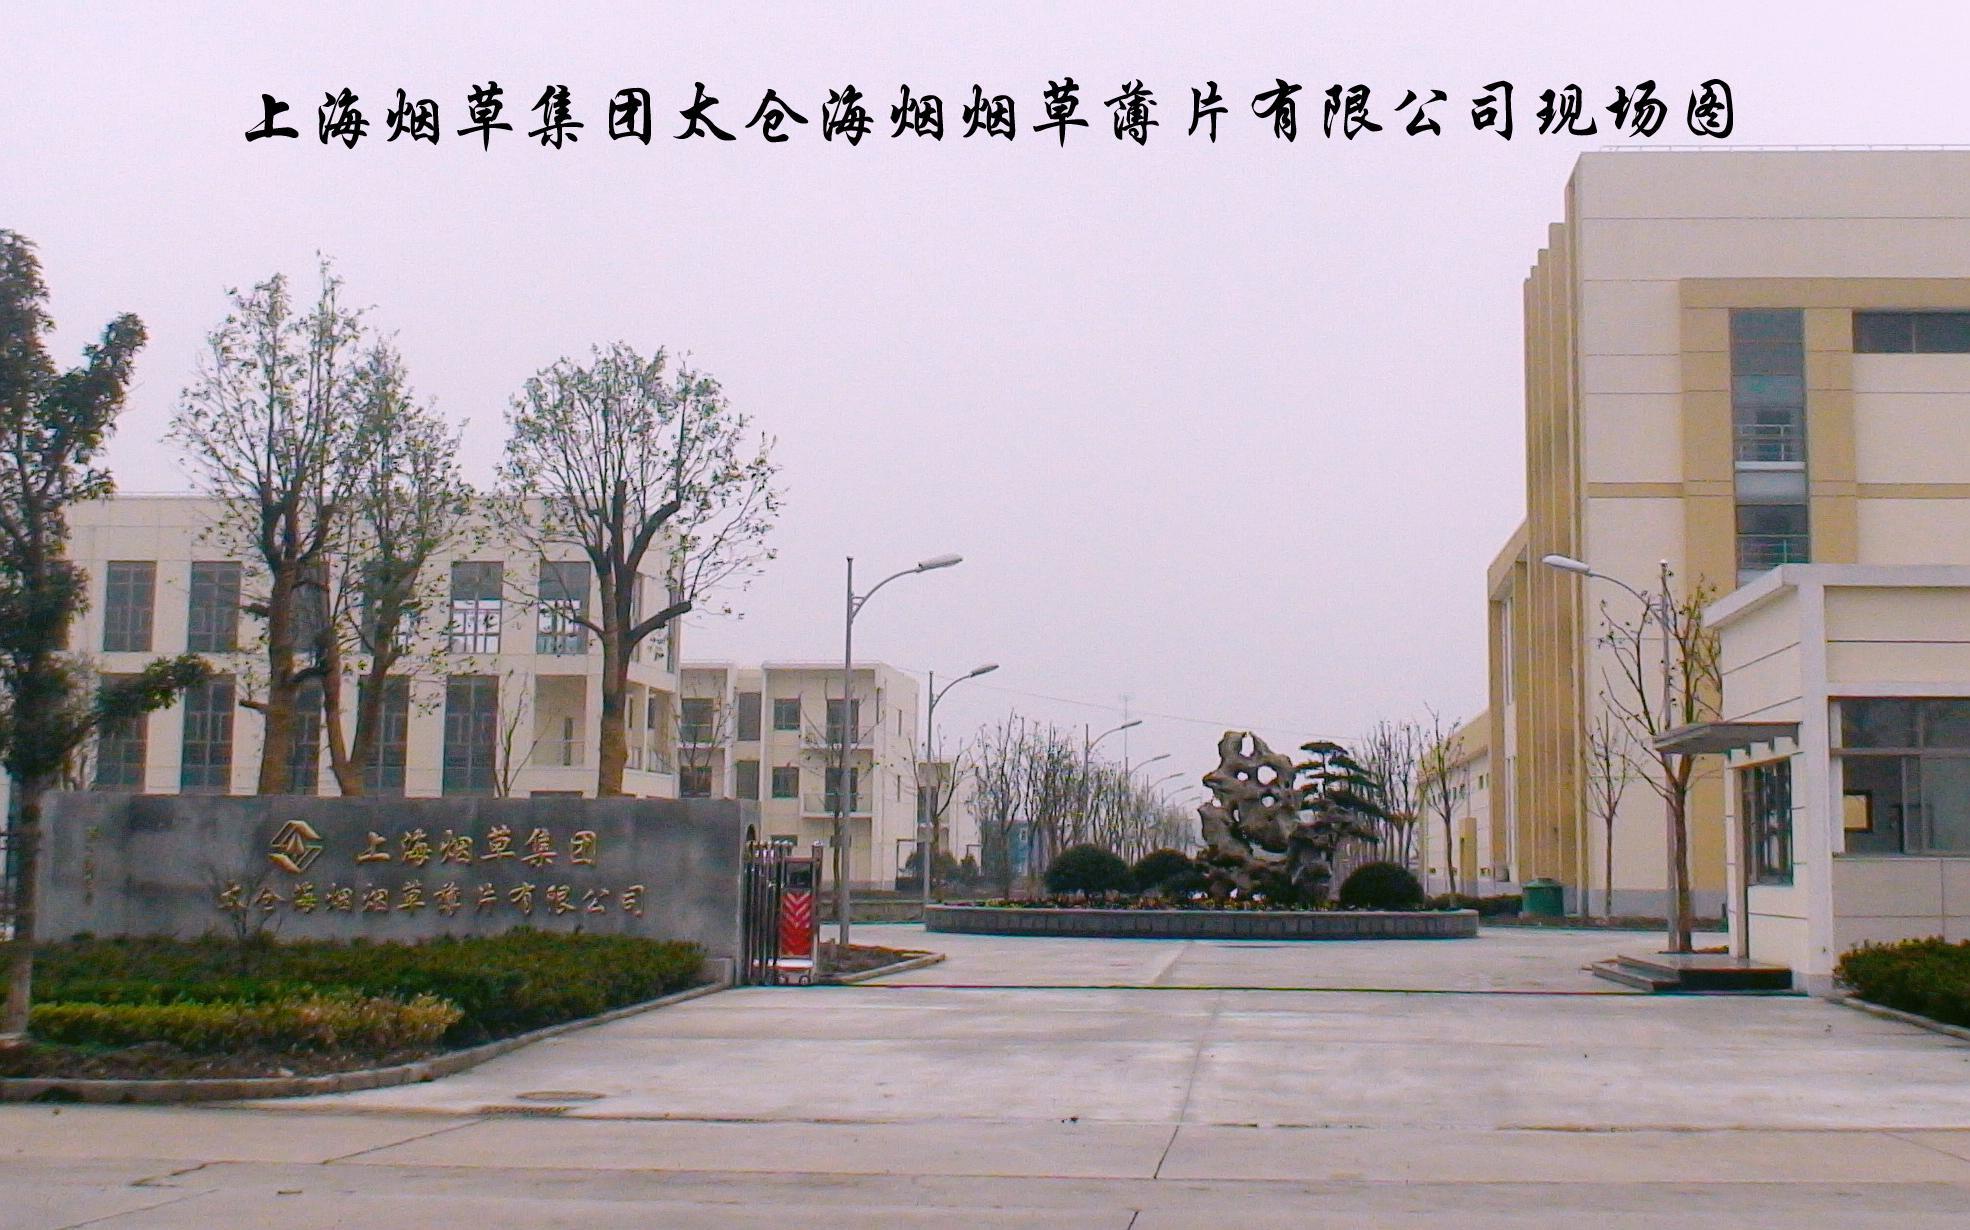 上海烟草集团太仓海烟烟草薄片有限公司最新招聘信息